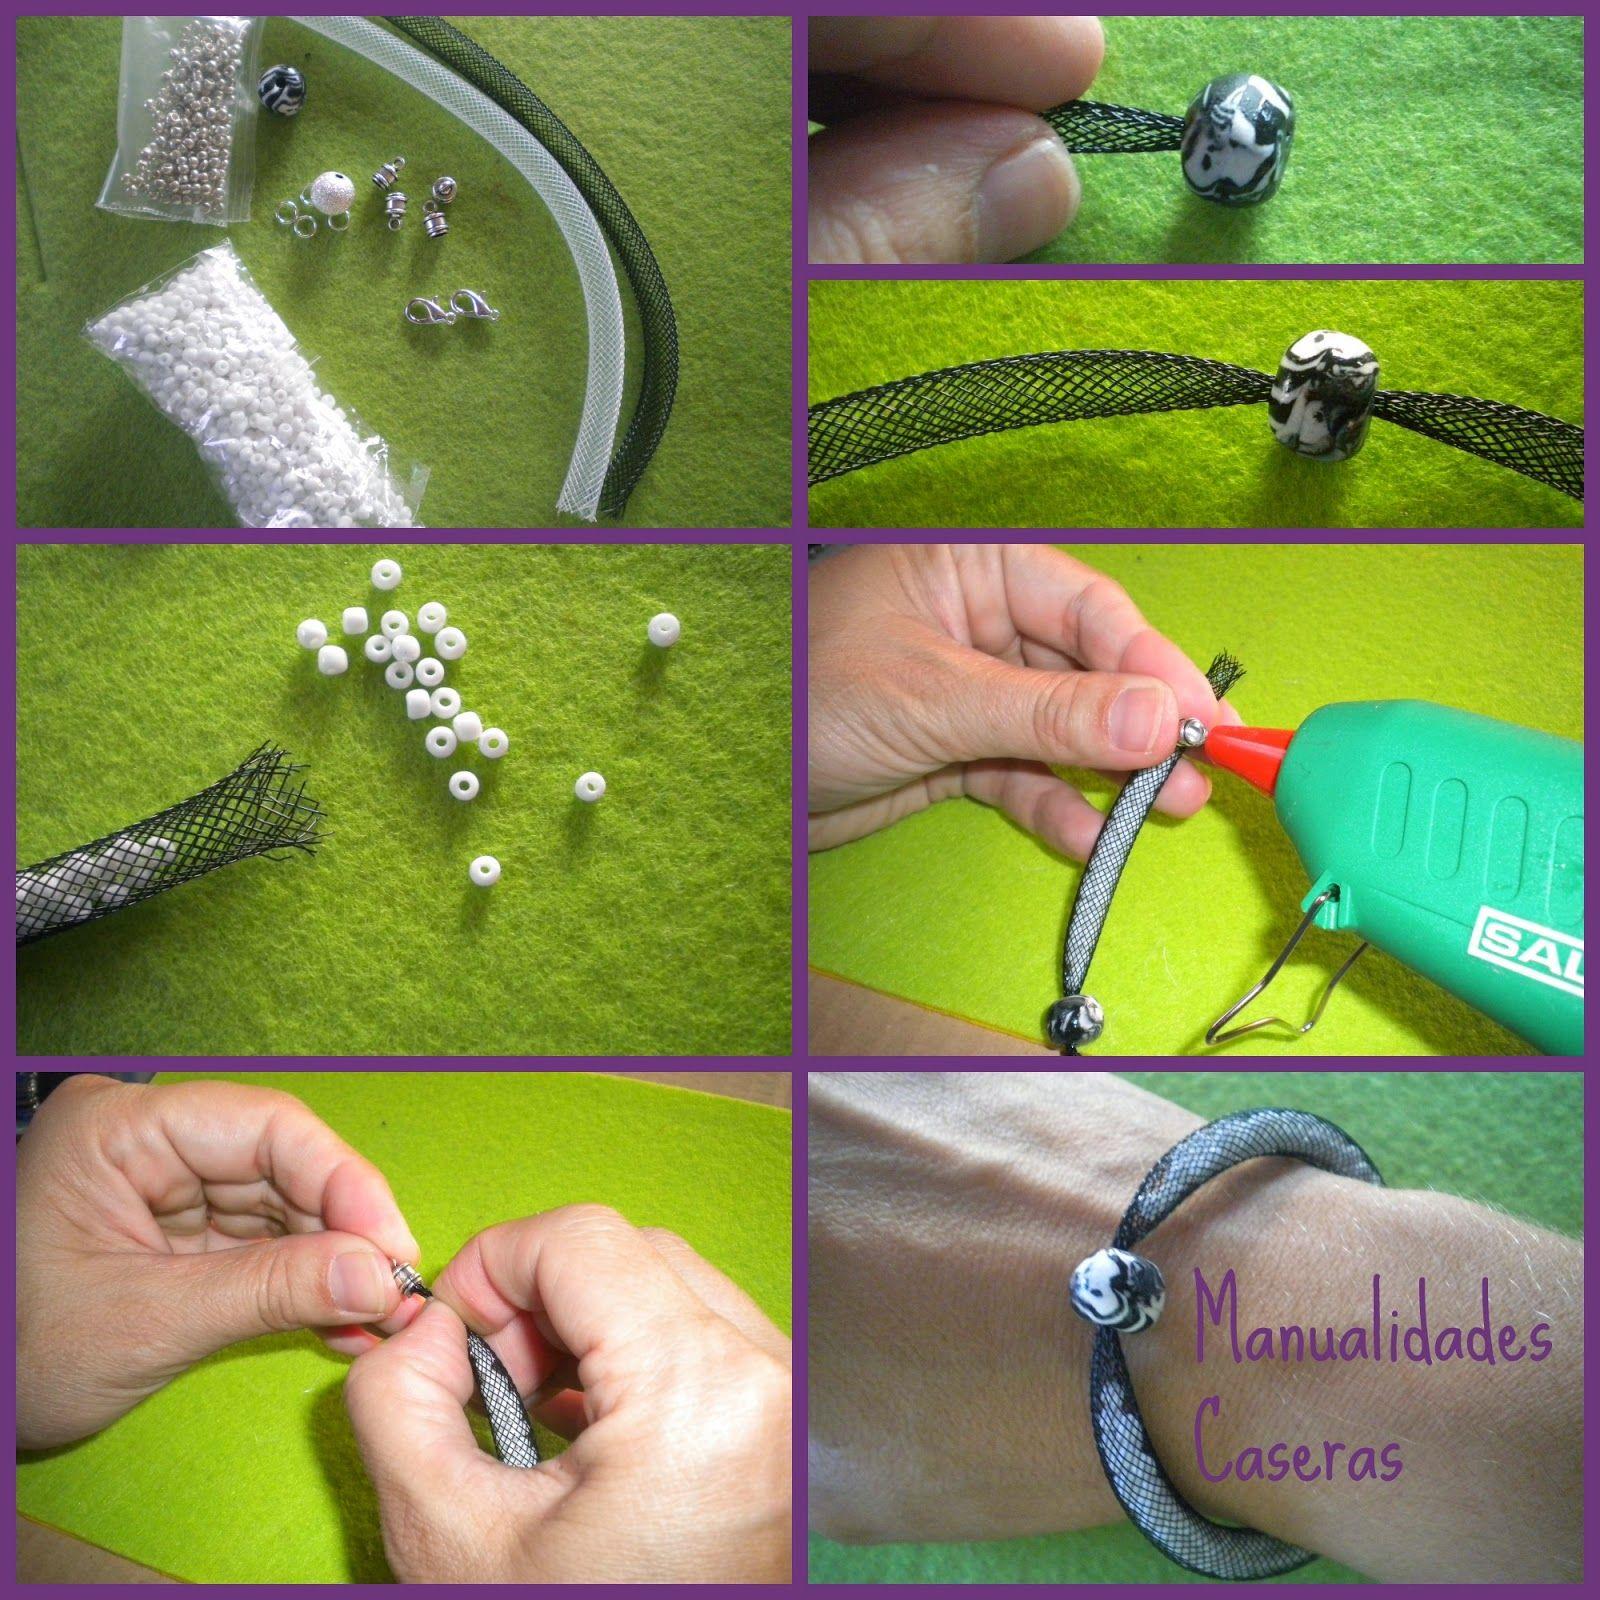 Manualidades caseras faciles como hacer una pulsera de - Como hacer manualidades faciles ...